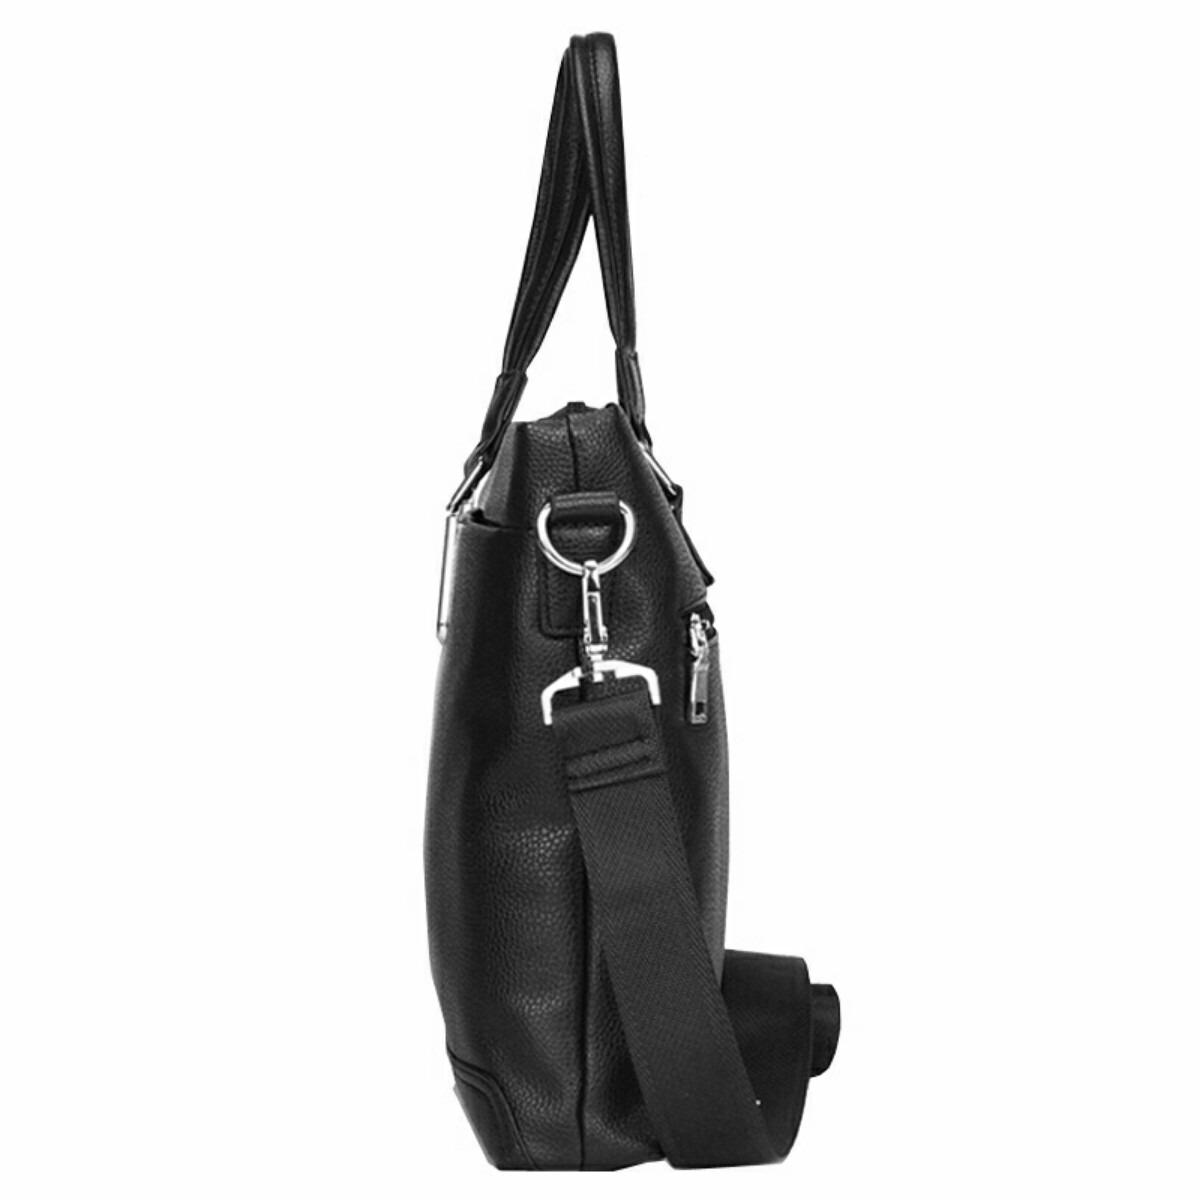 Bolsa De Couro Masculina Mercado Livre : Mala pasta bolsa masculina polo couro grande polegadas